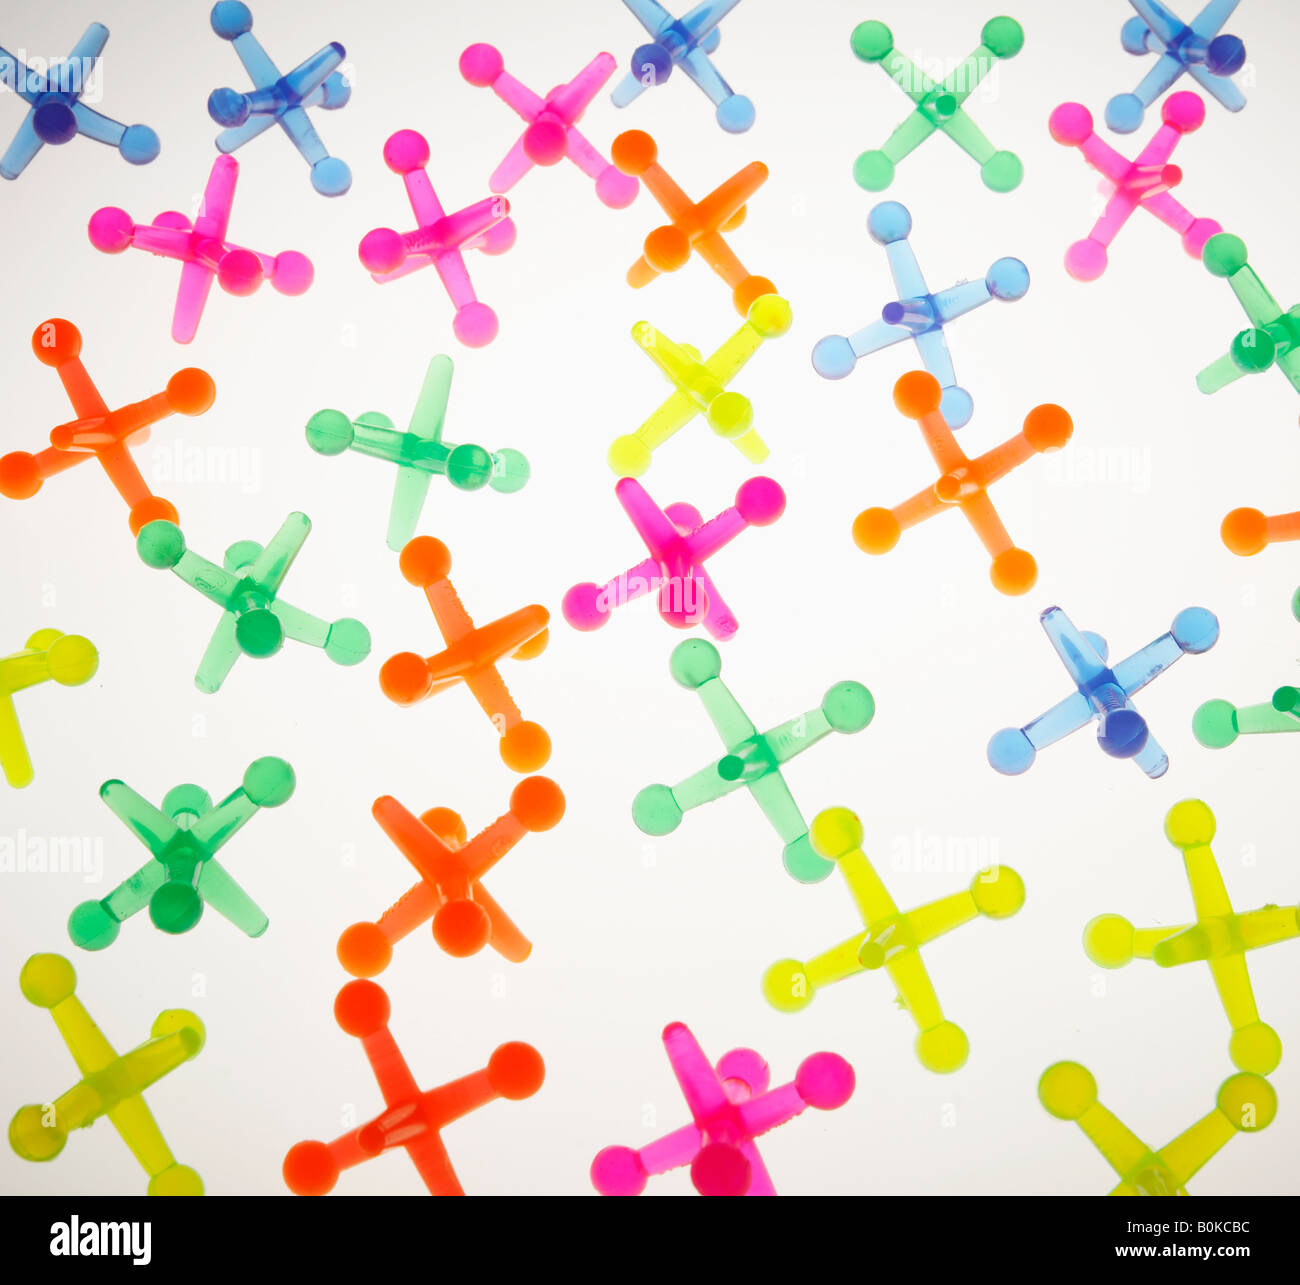 Coloridos objetos de plástico en forma de cruz Foto de stock